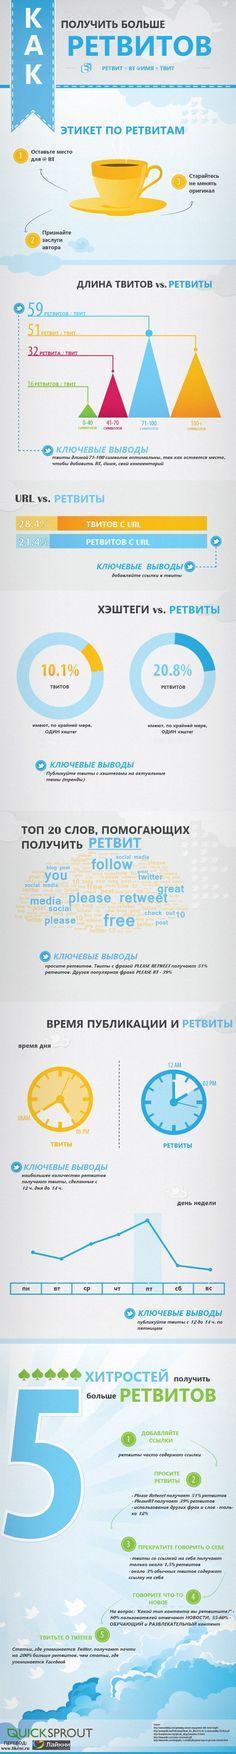 Как получить больше ретвитов